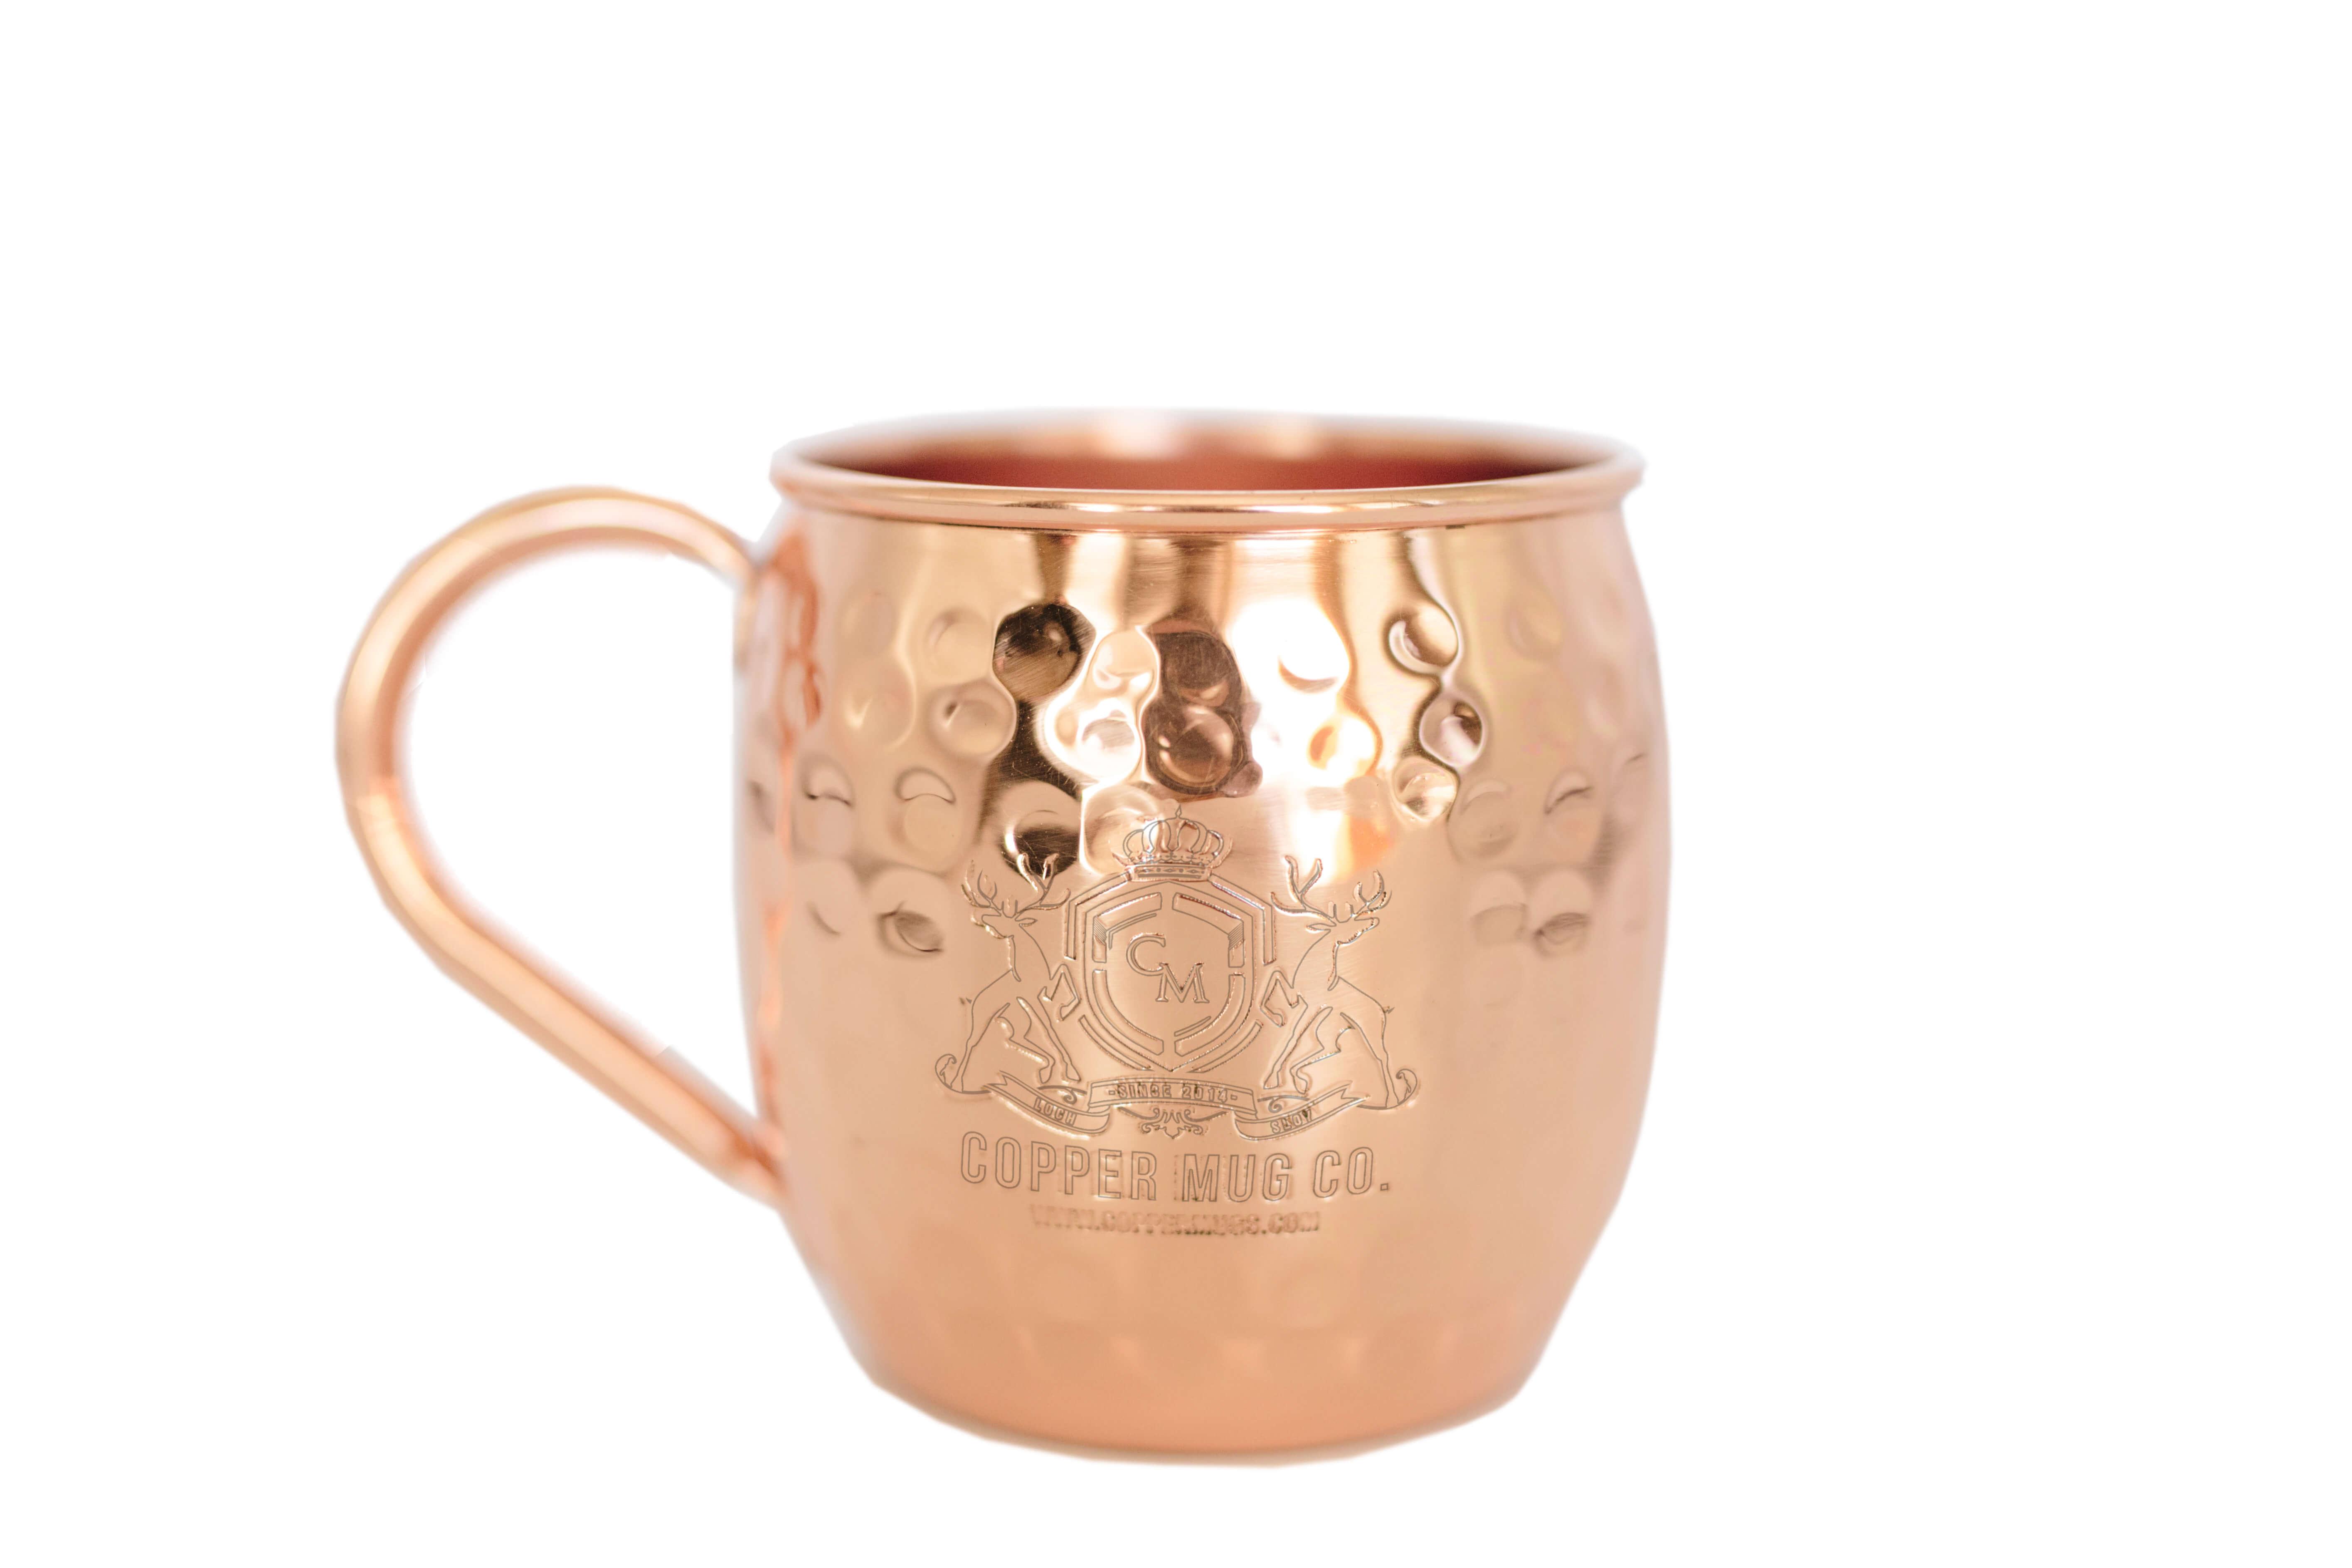 Copper Mugs May 2019 Edit  8